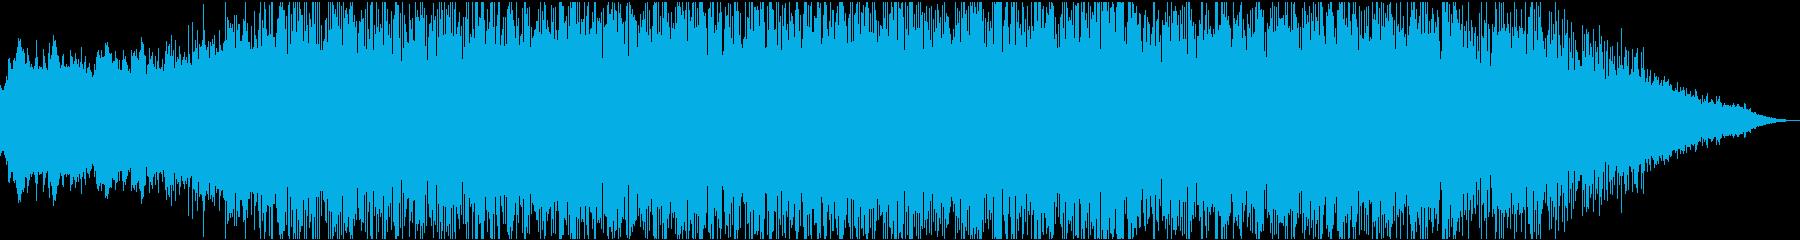 モダン 実験的 アンビエント ほの...の再生済みの波形